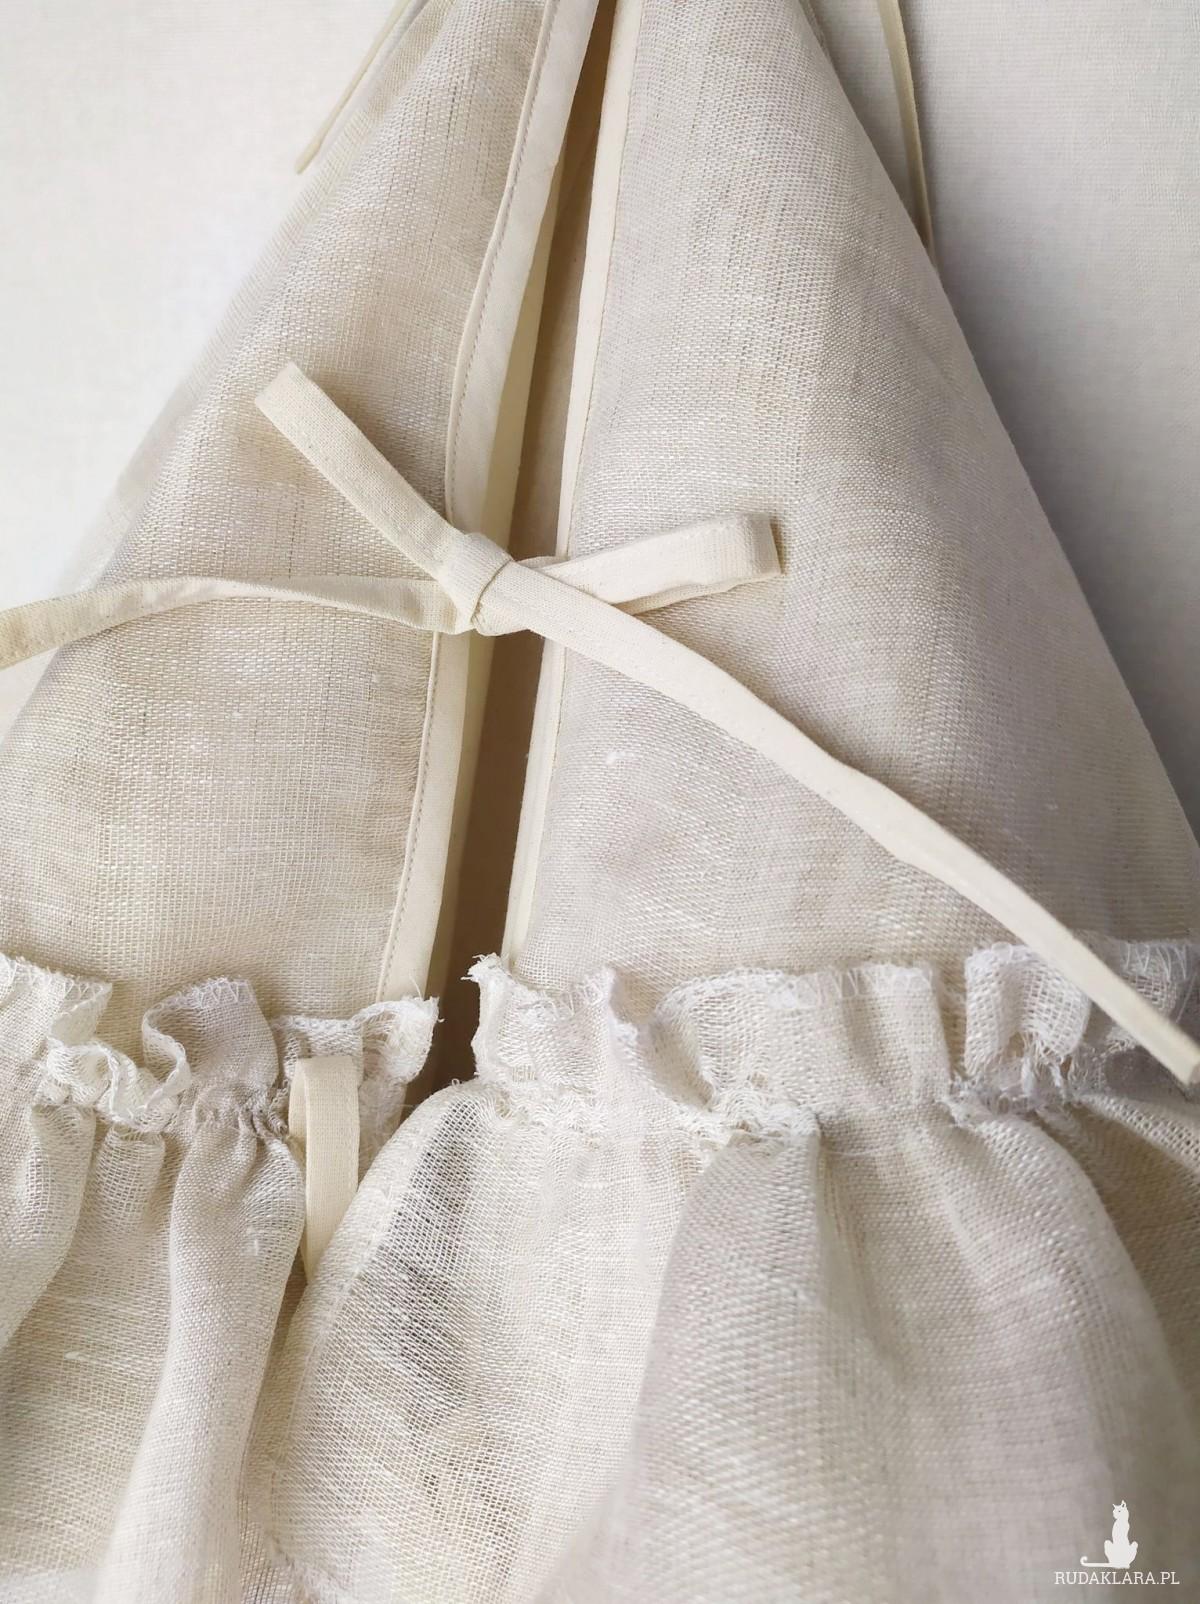 Dywanik, spódnica pod choinkę-styl skandynawski